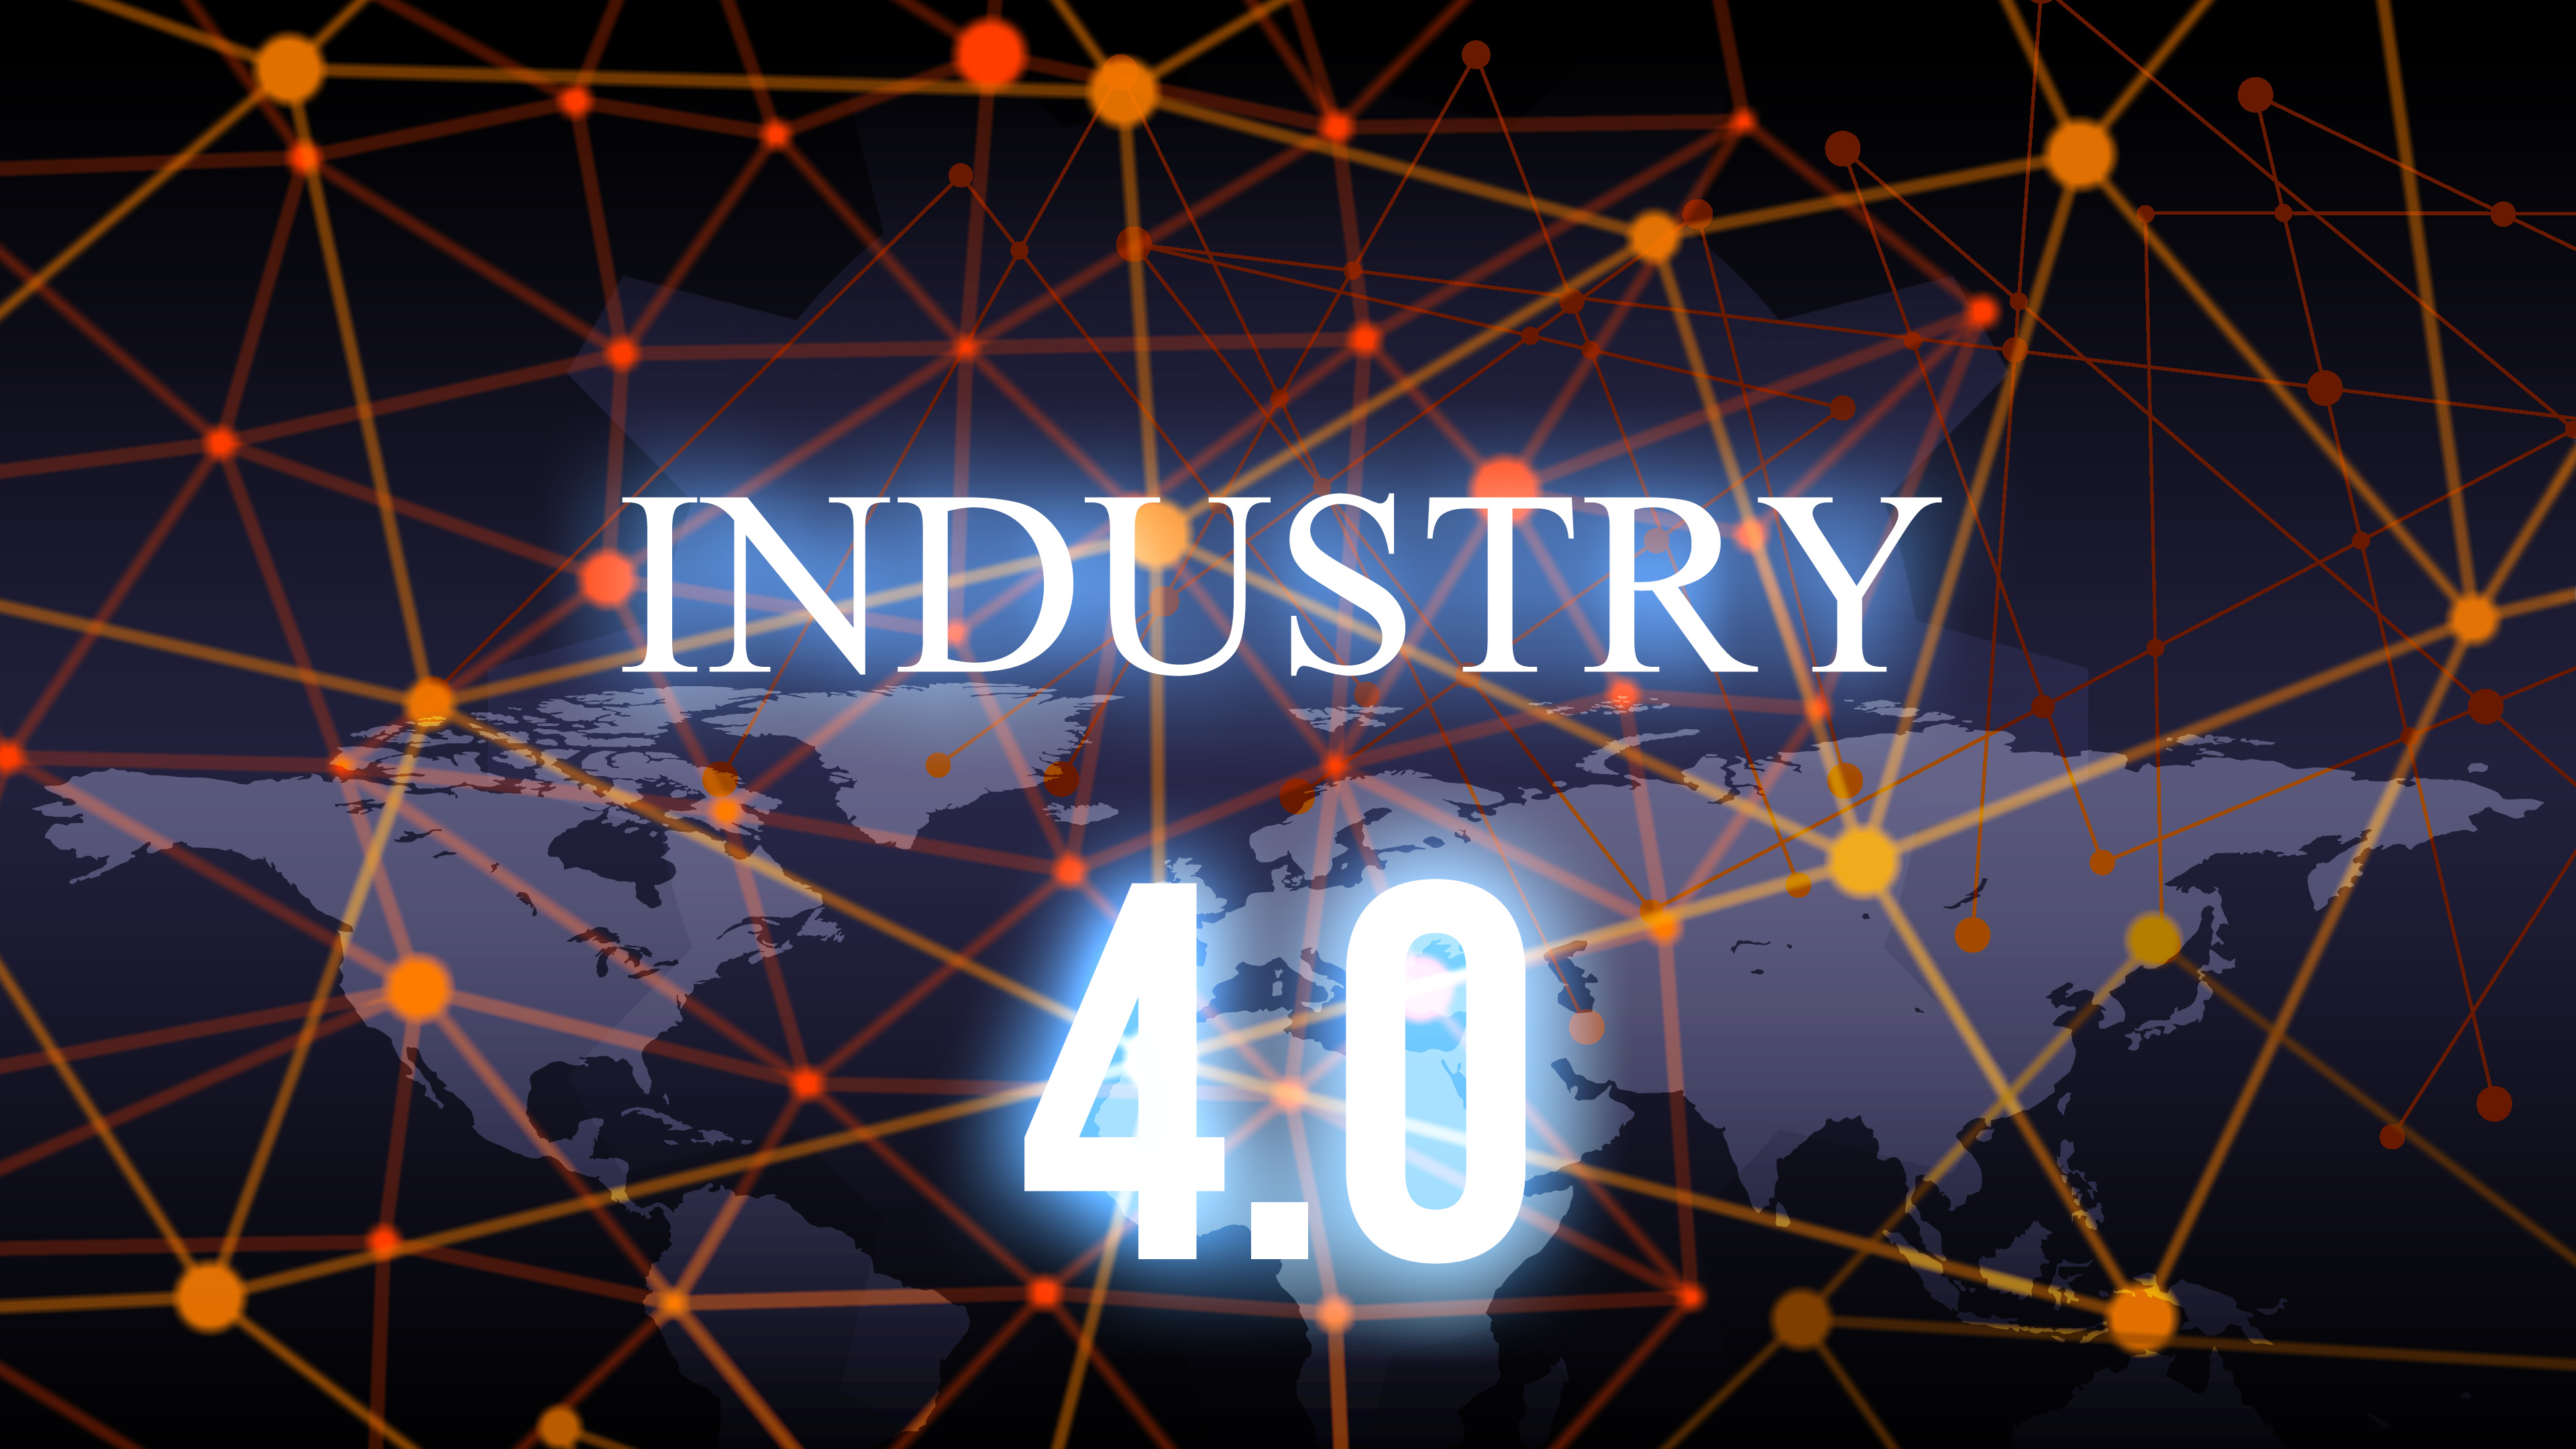 Producătorii împreună cu noua tehnologie aduc a patra revoluție industrială